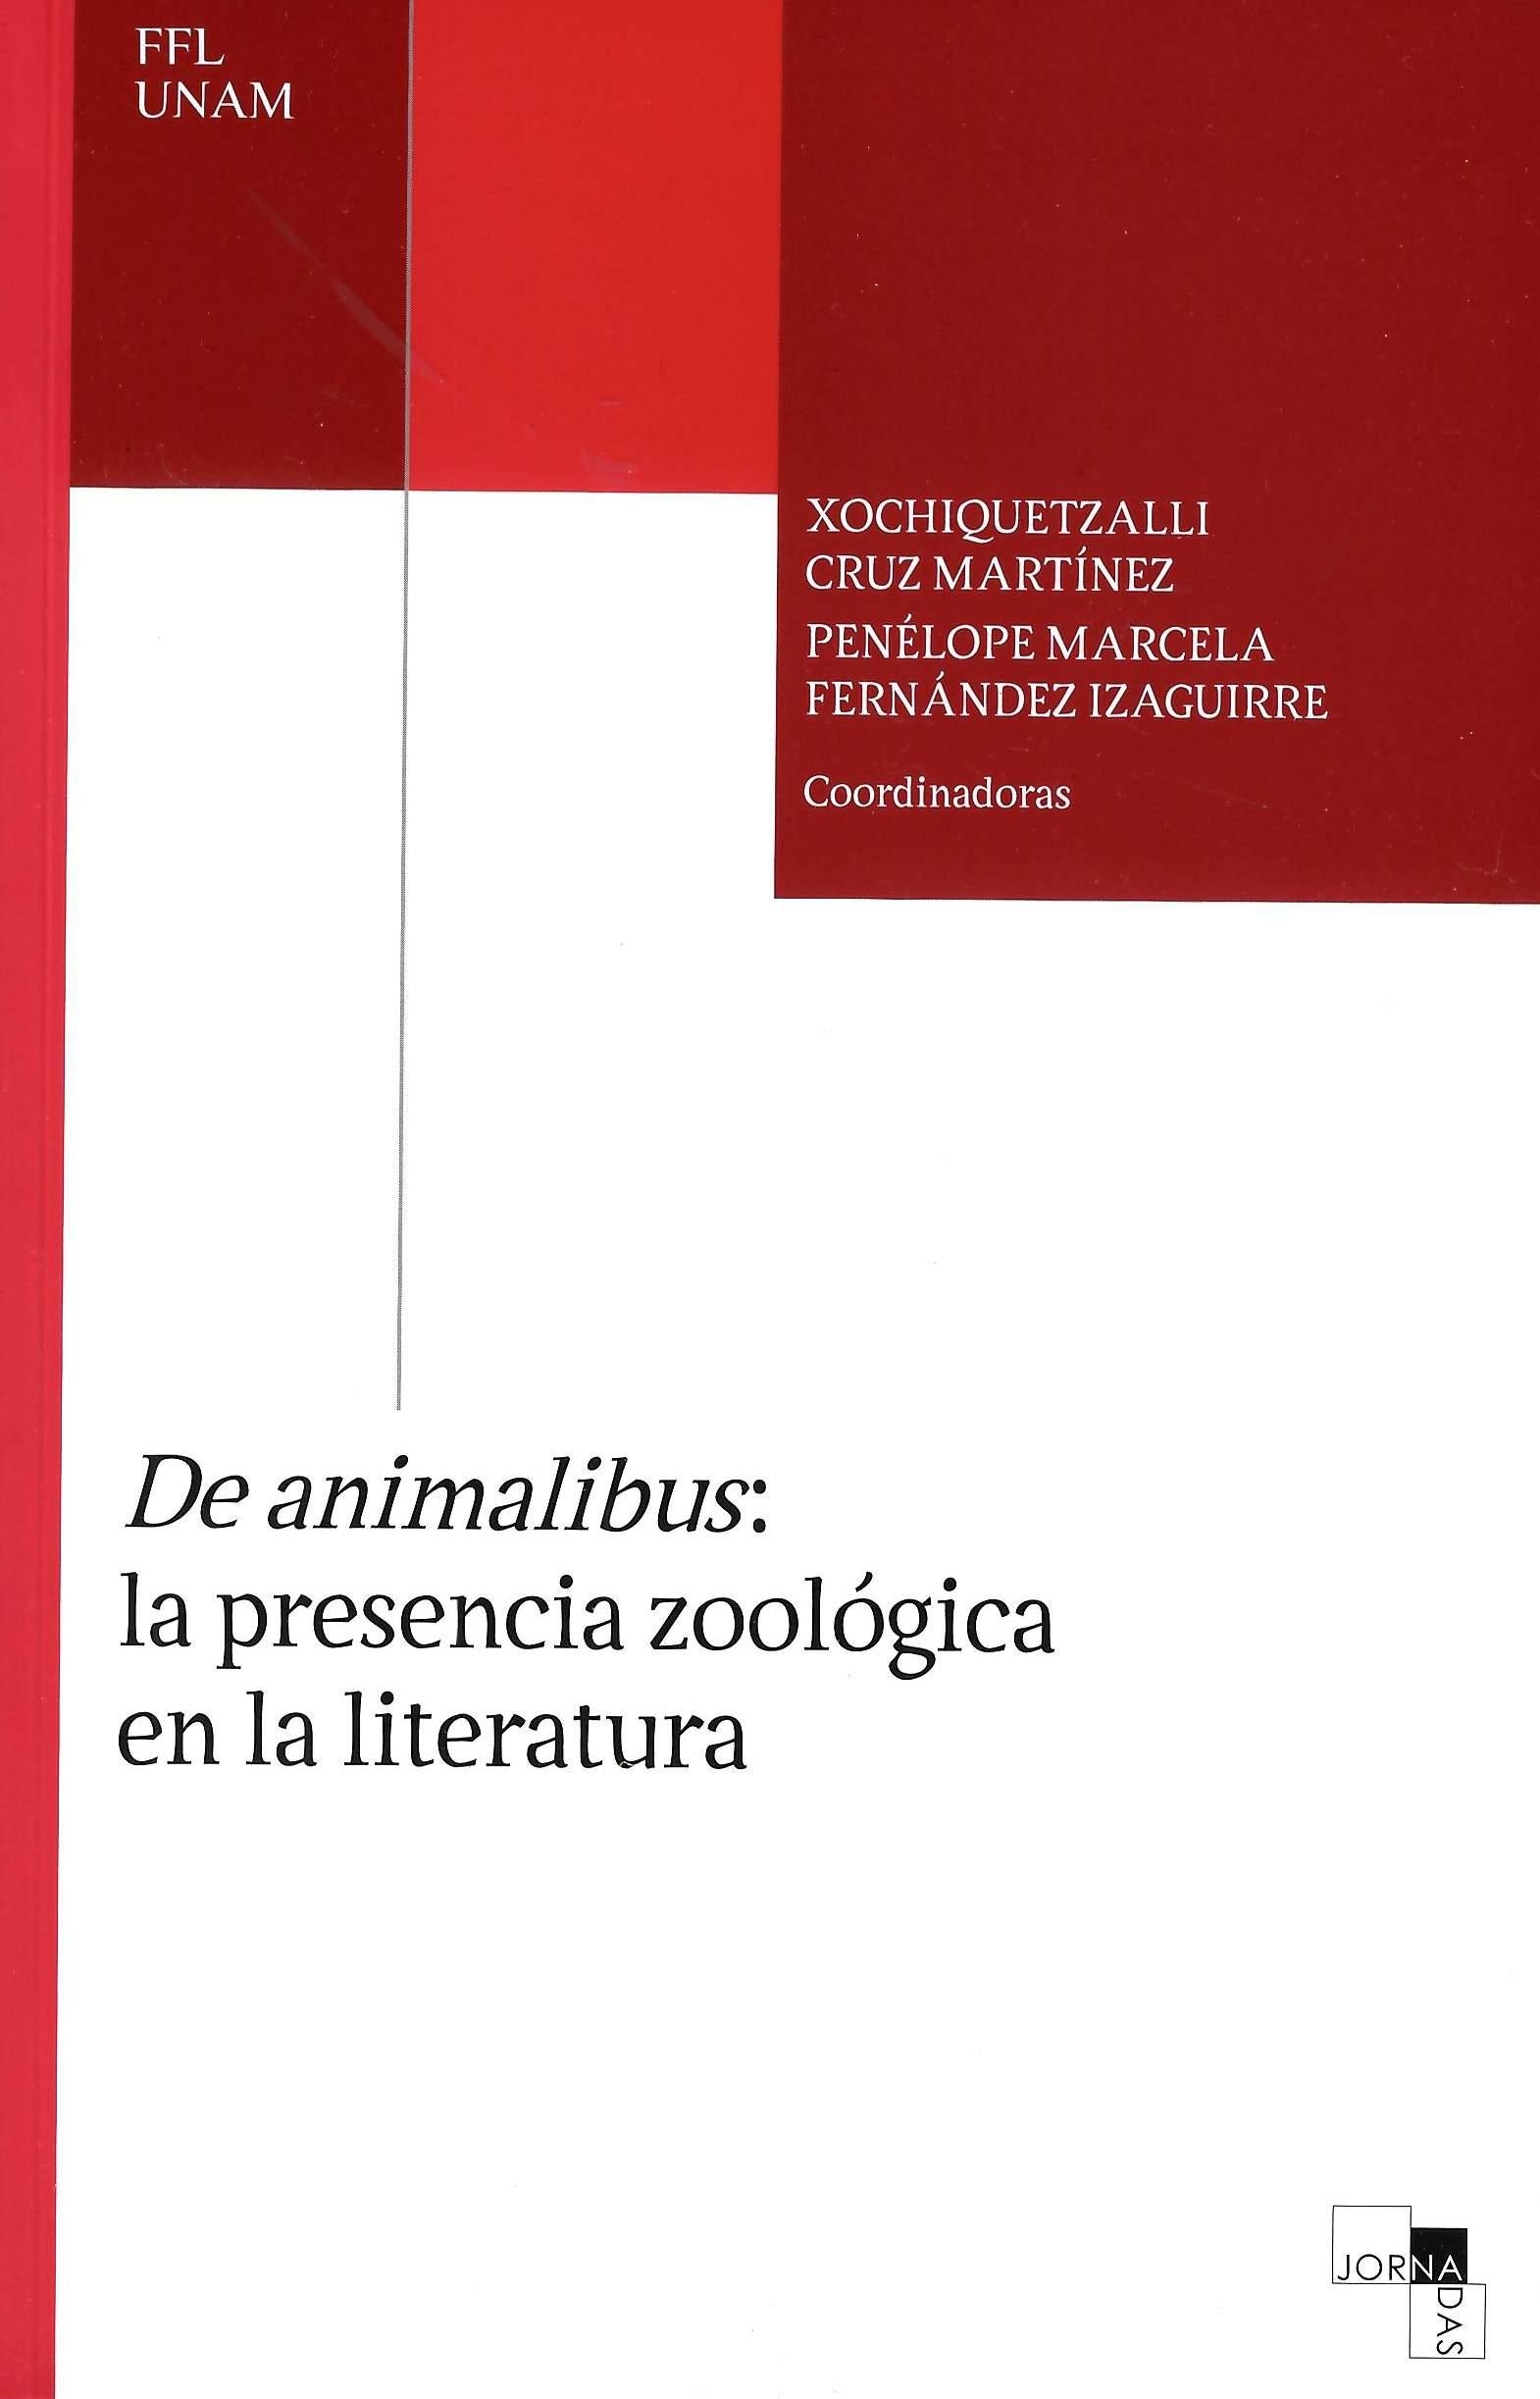 De animalibus: la presencia zoológica en la literatura